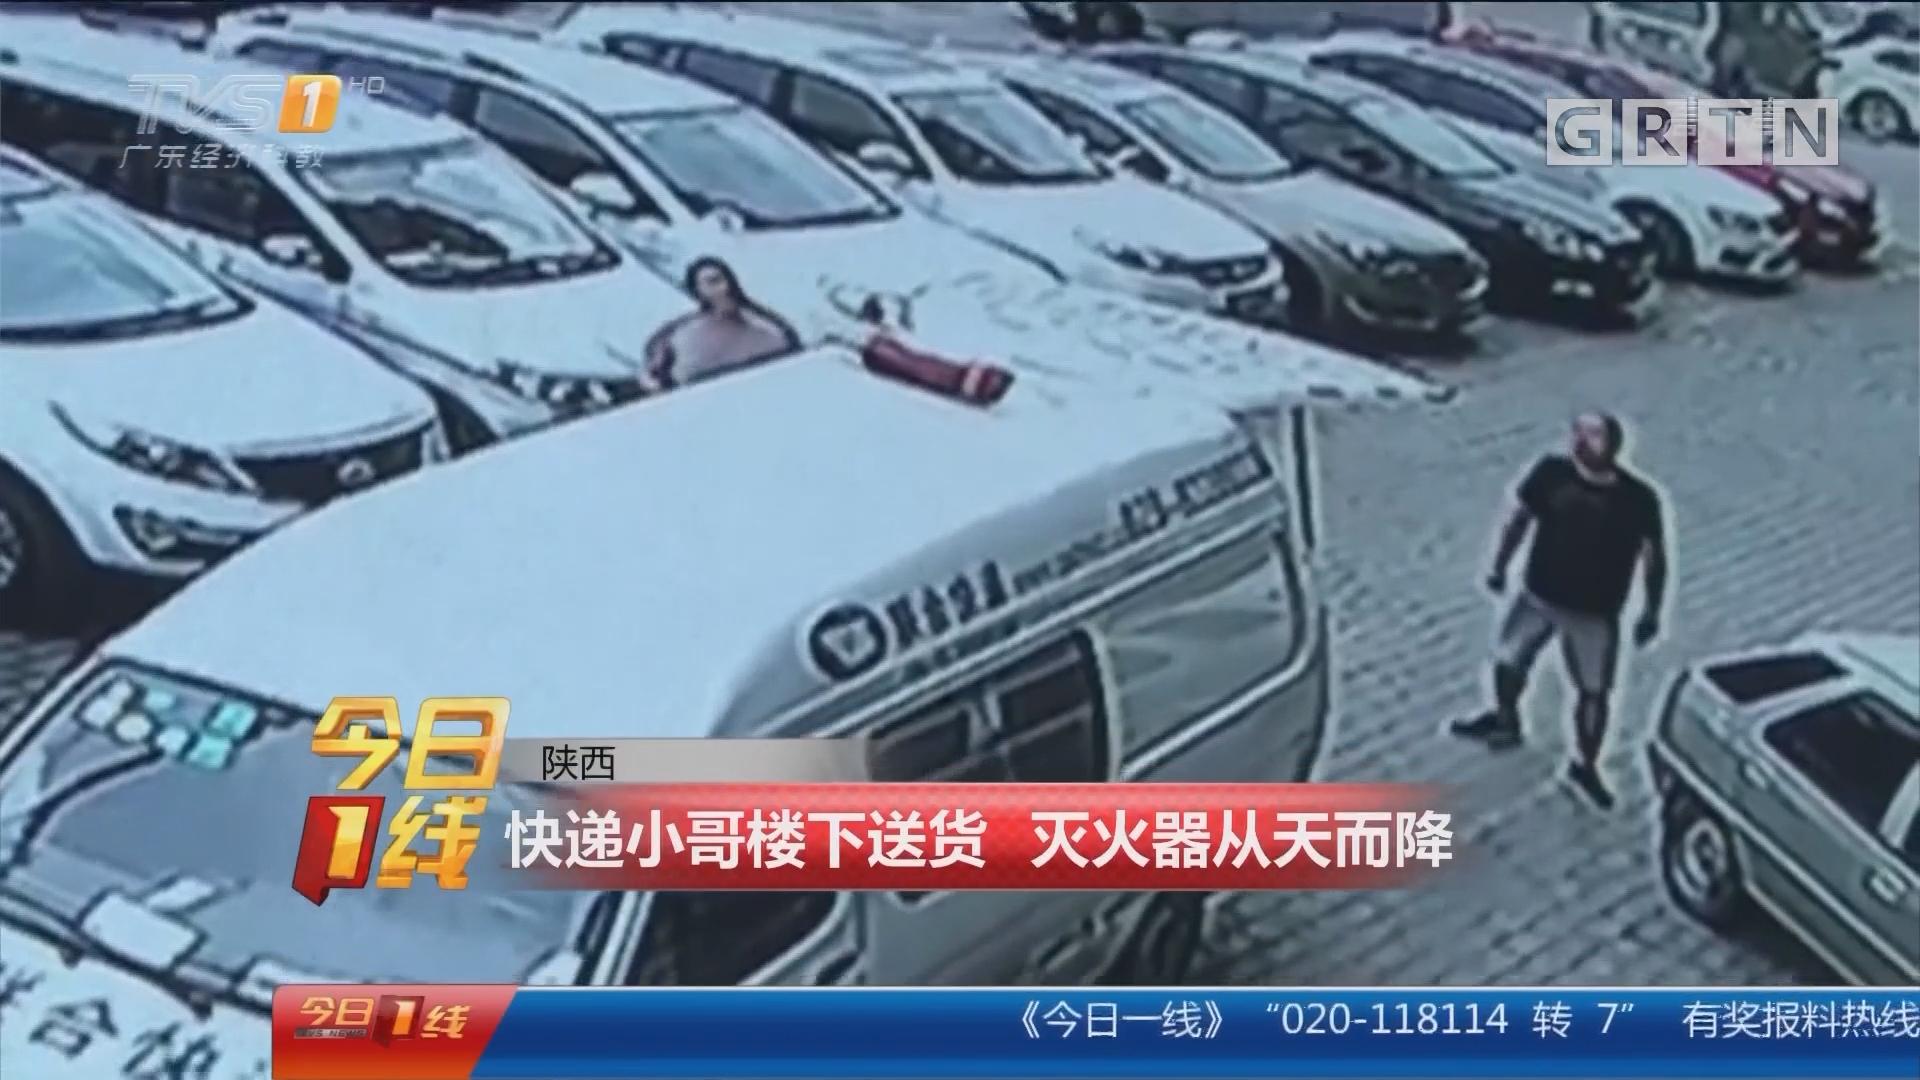 陕西:快递小哥楼下送货 灭火器从天而降